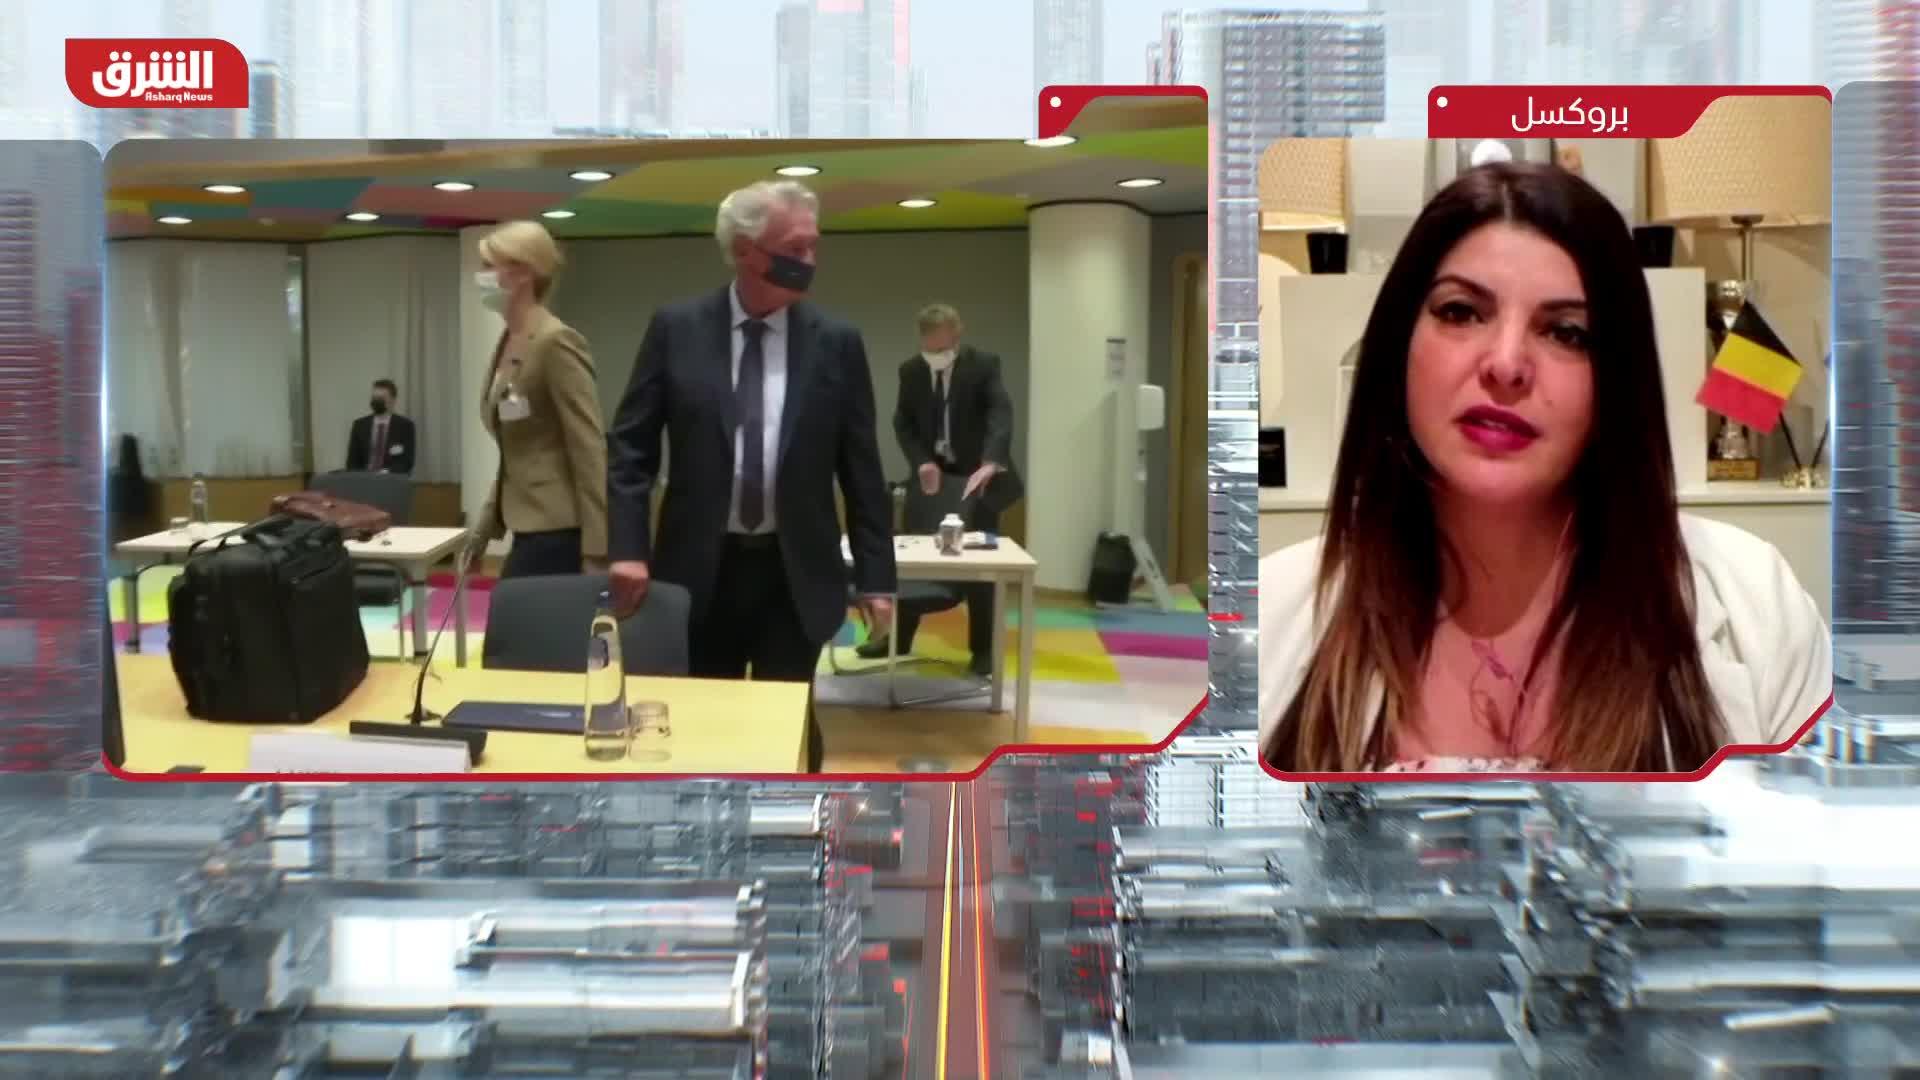 بروكسل تتنبه لدورها المستقبلي.. ودول عربية تترقب النتائج